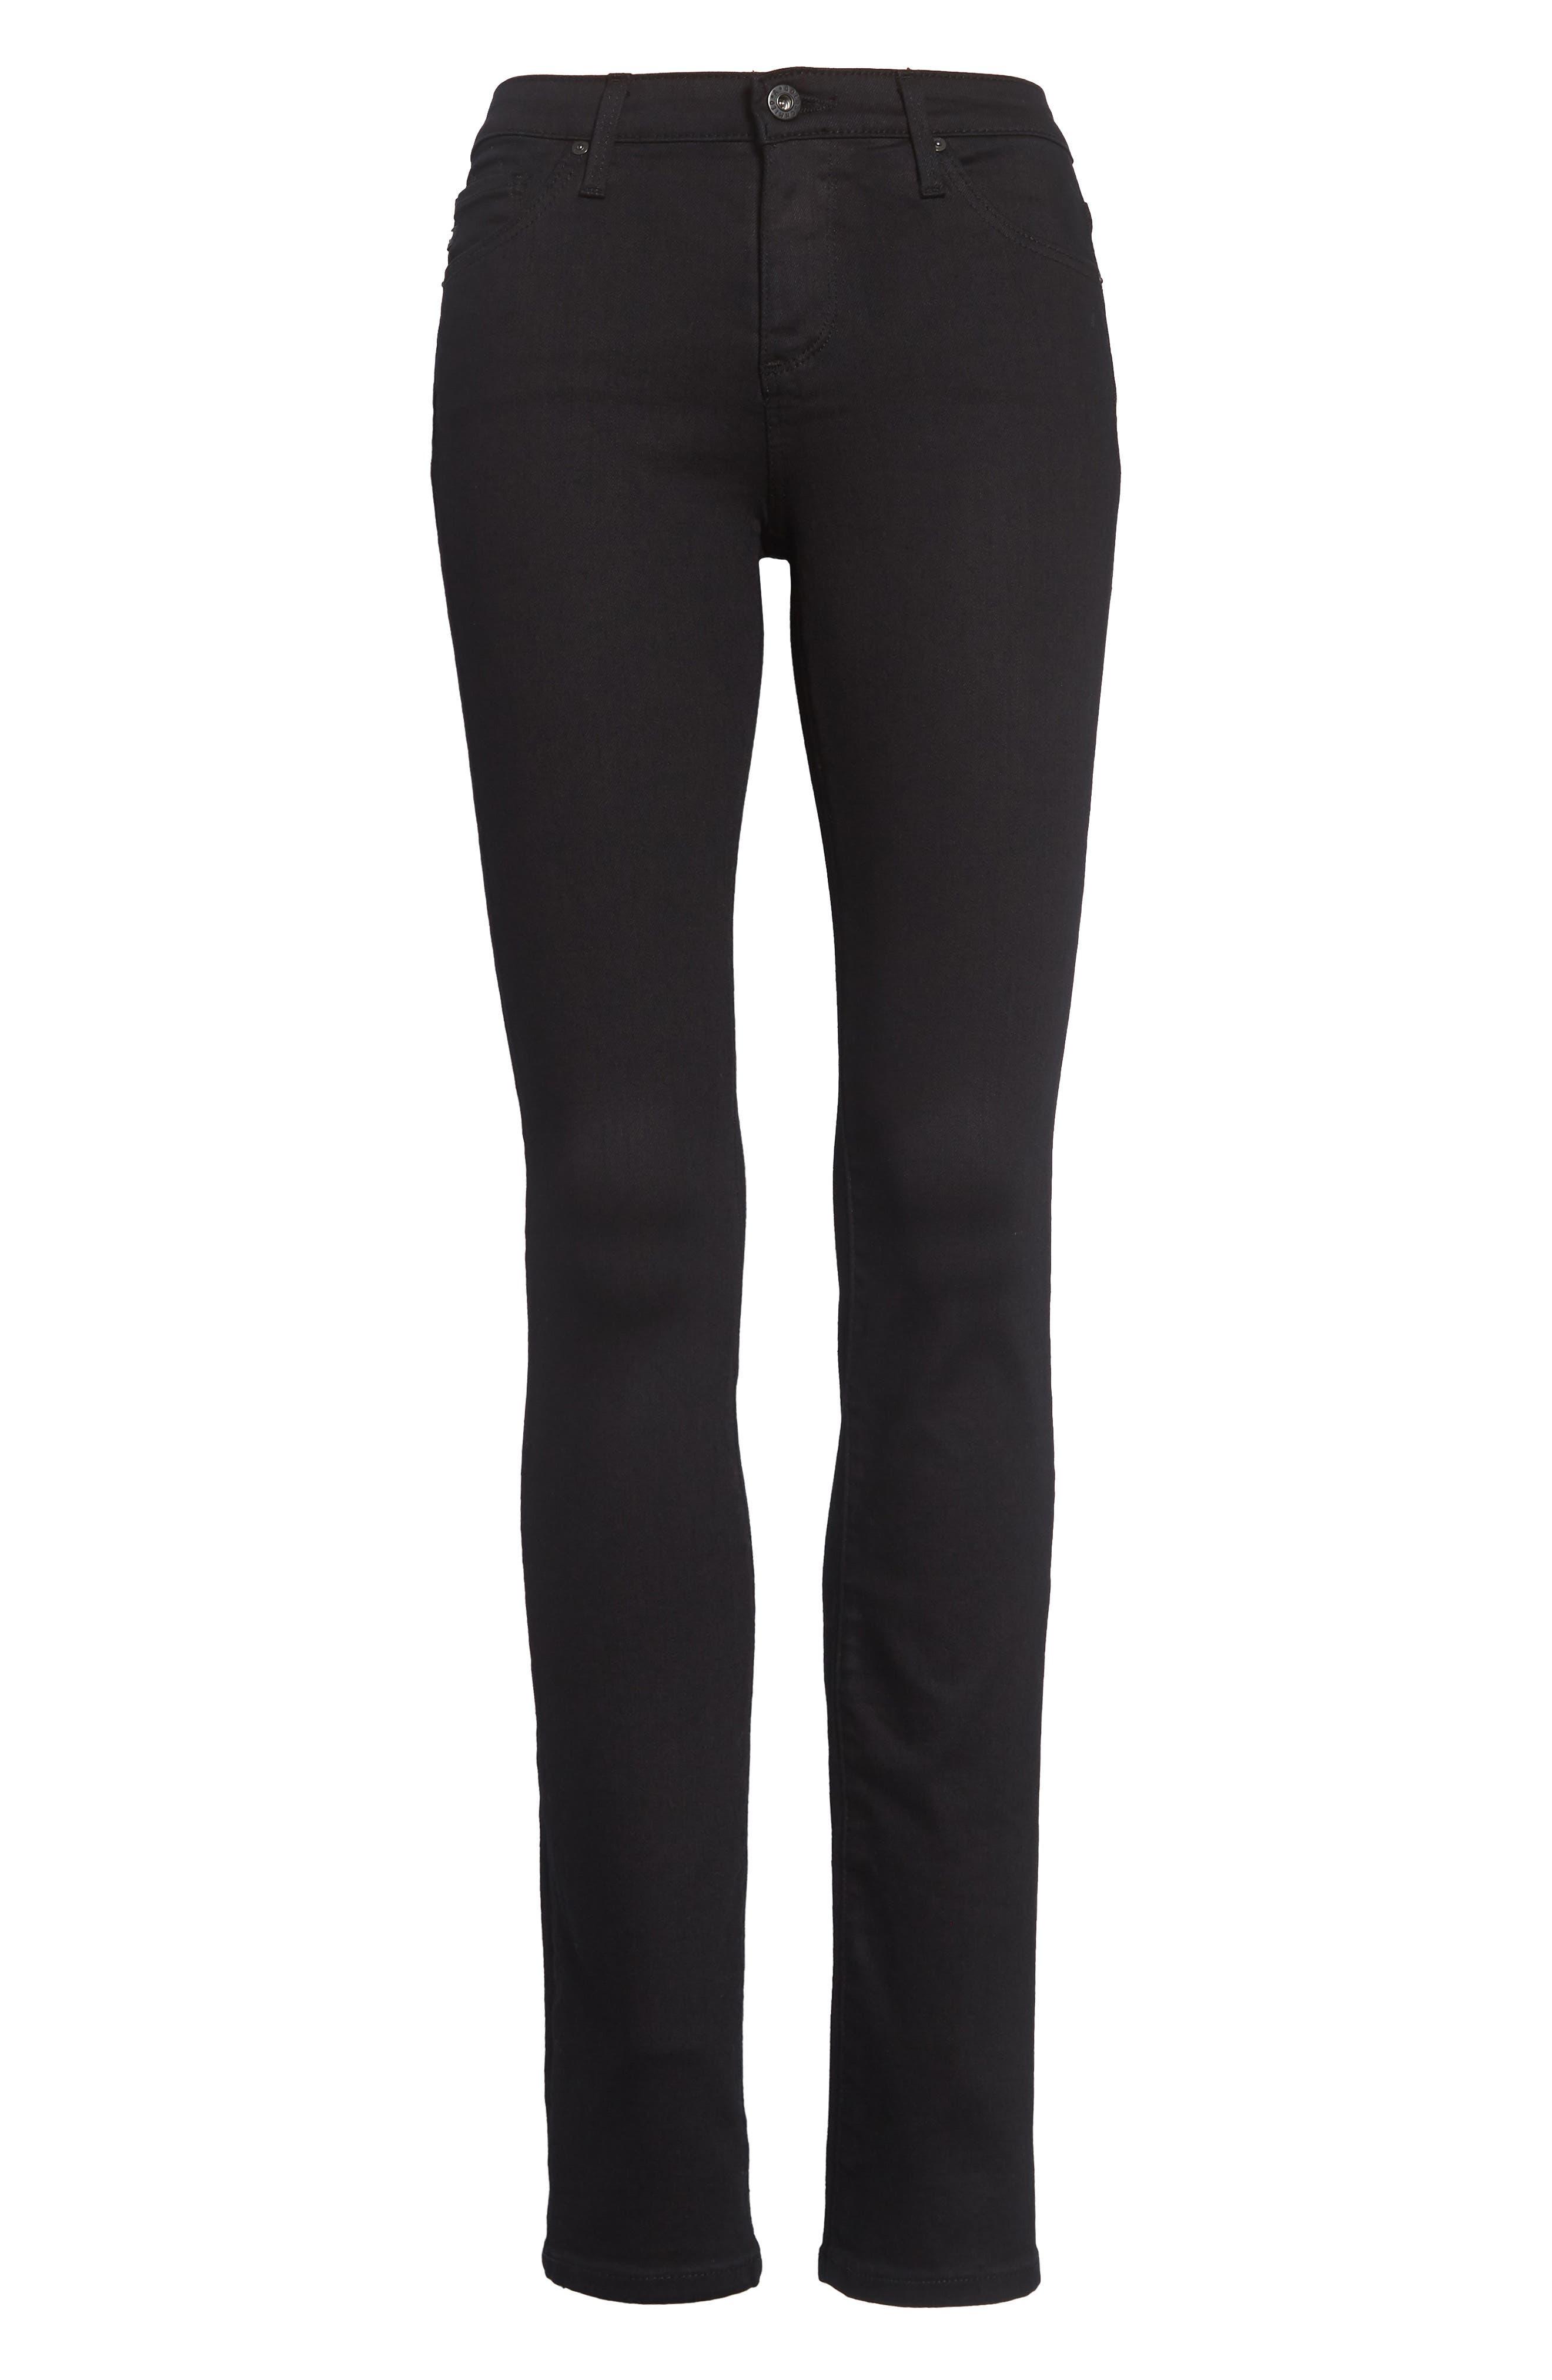 Harper Slim Straight Leg Jeans,                             Alternate thumbnail 2, color,                             OVERDYED BLACK